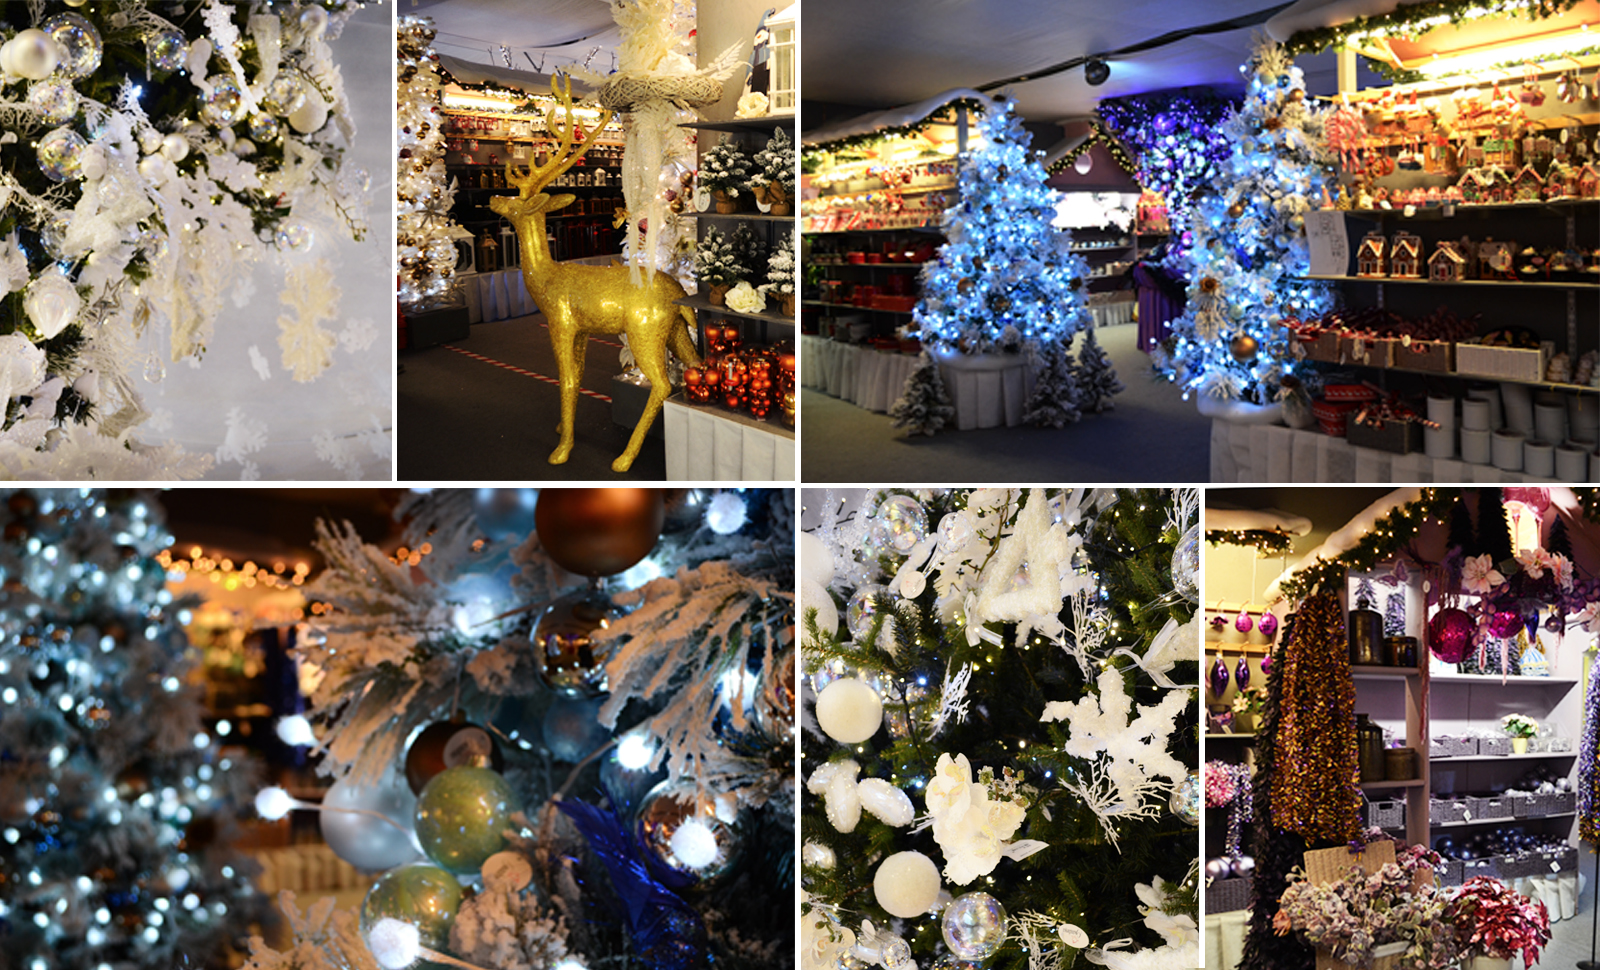 Addobbi di Natale a Treviso Bardin Garden Center Villorba - Tweedot